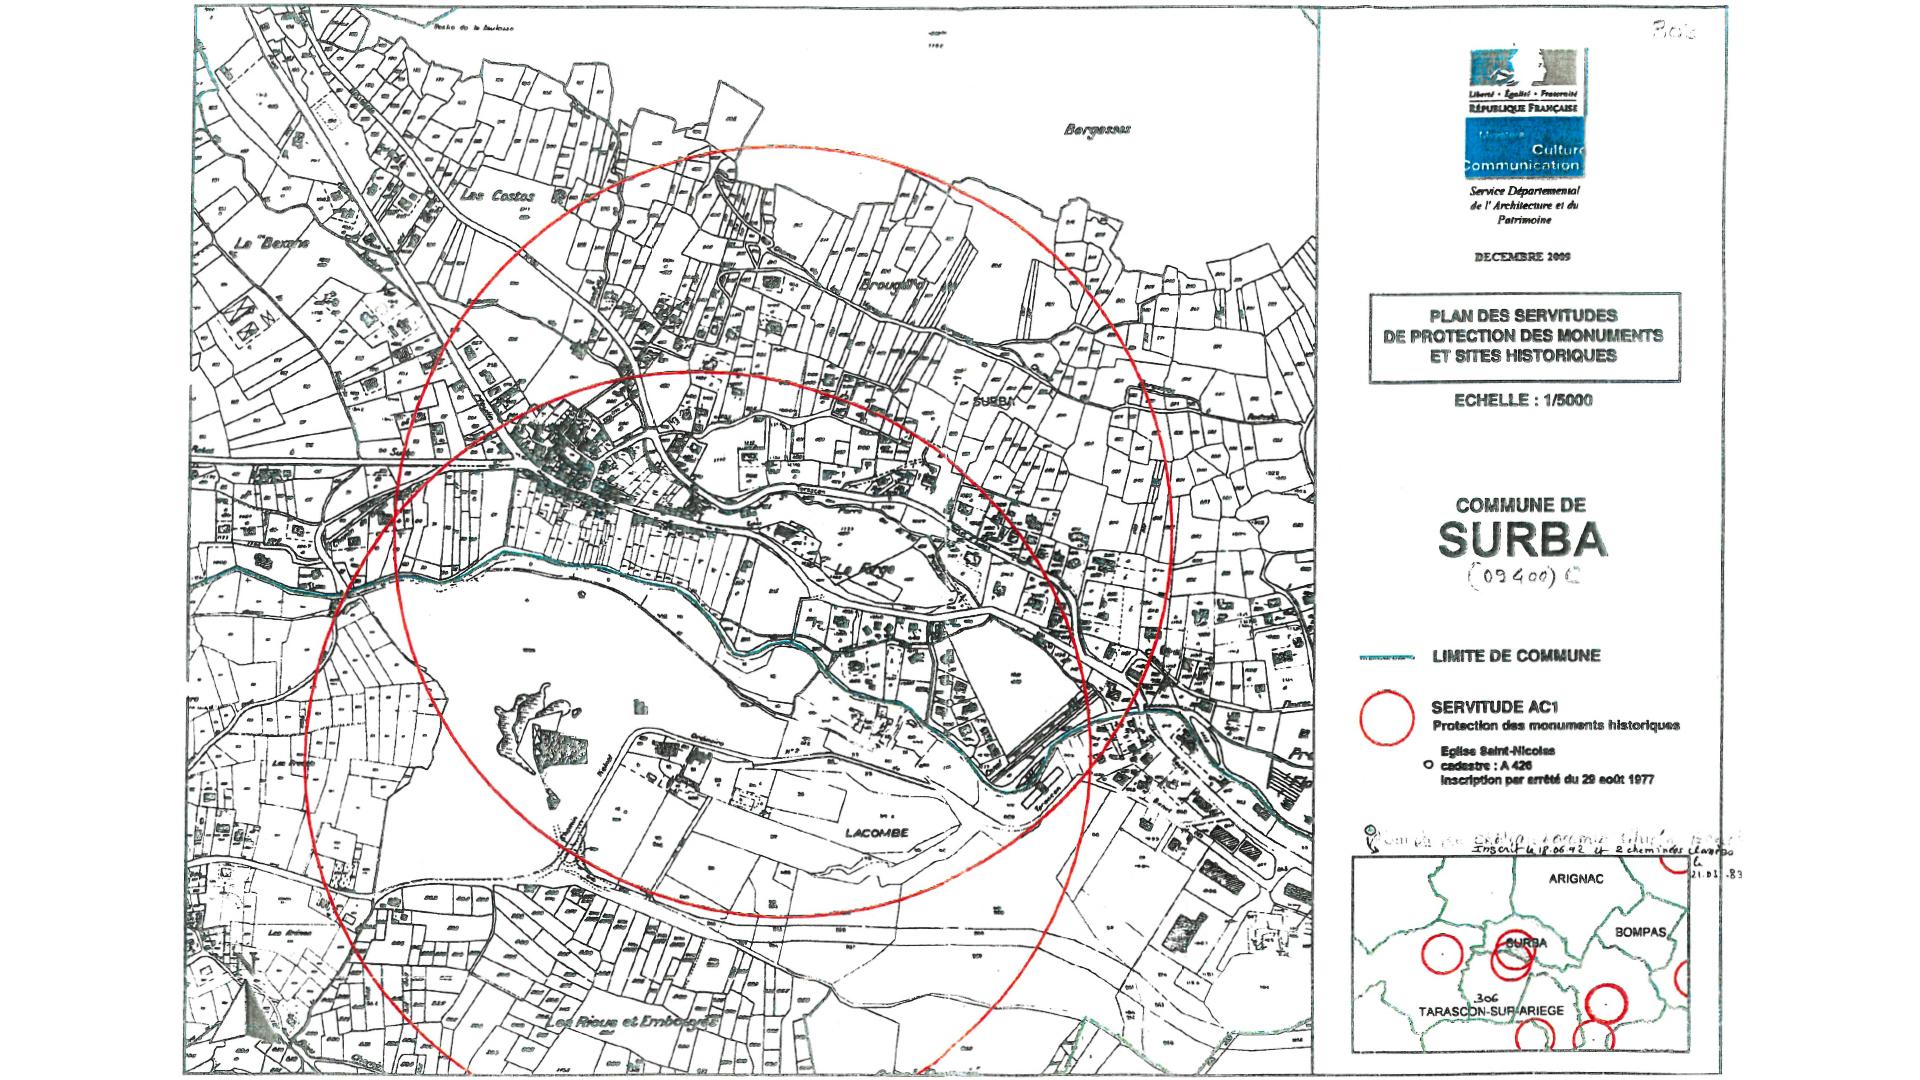 Carte des Bâtiments de France pour la commune de Surba